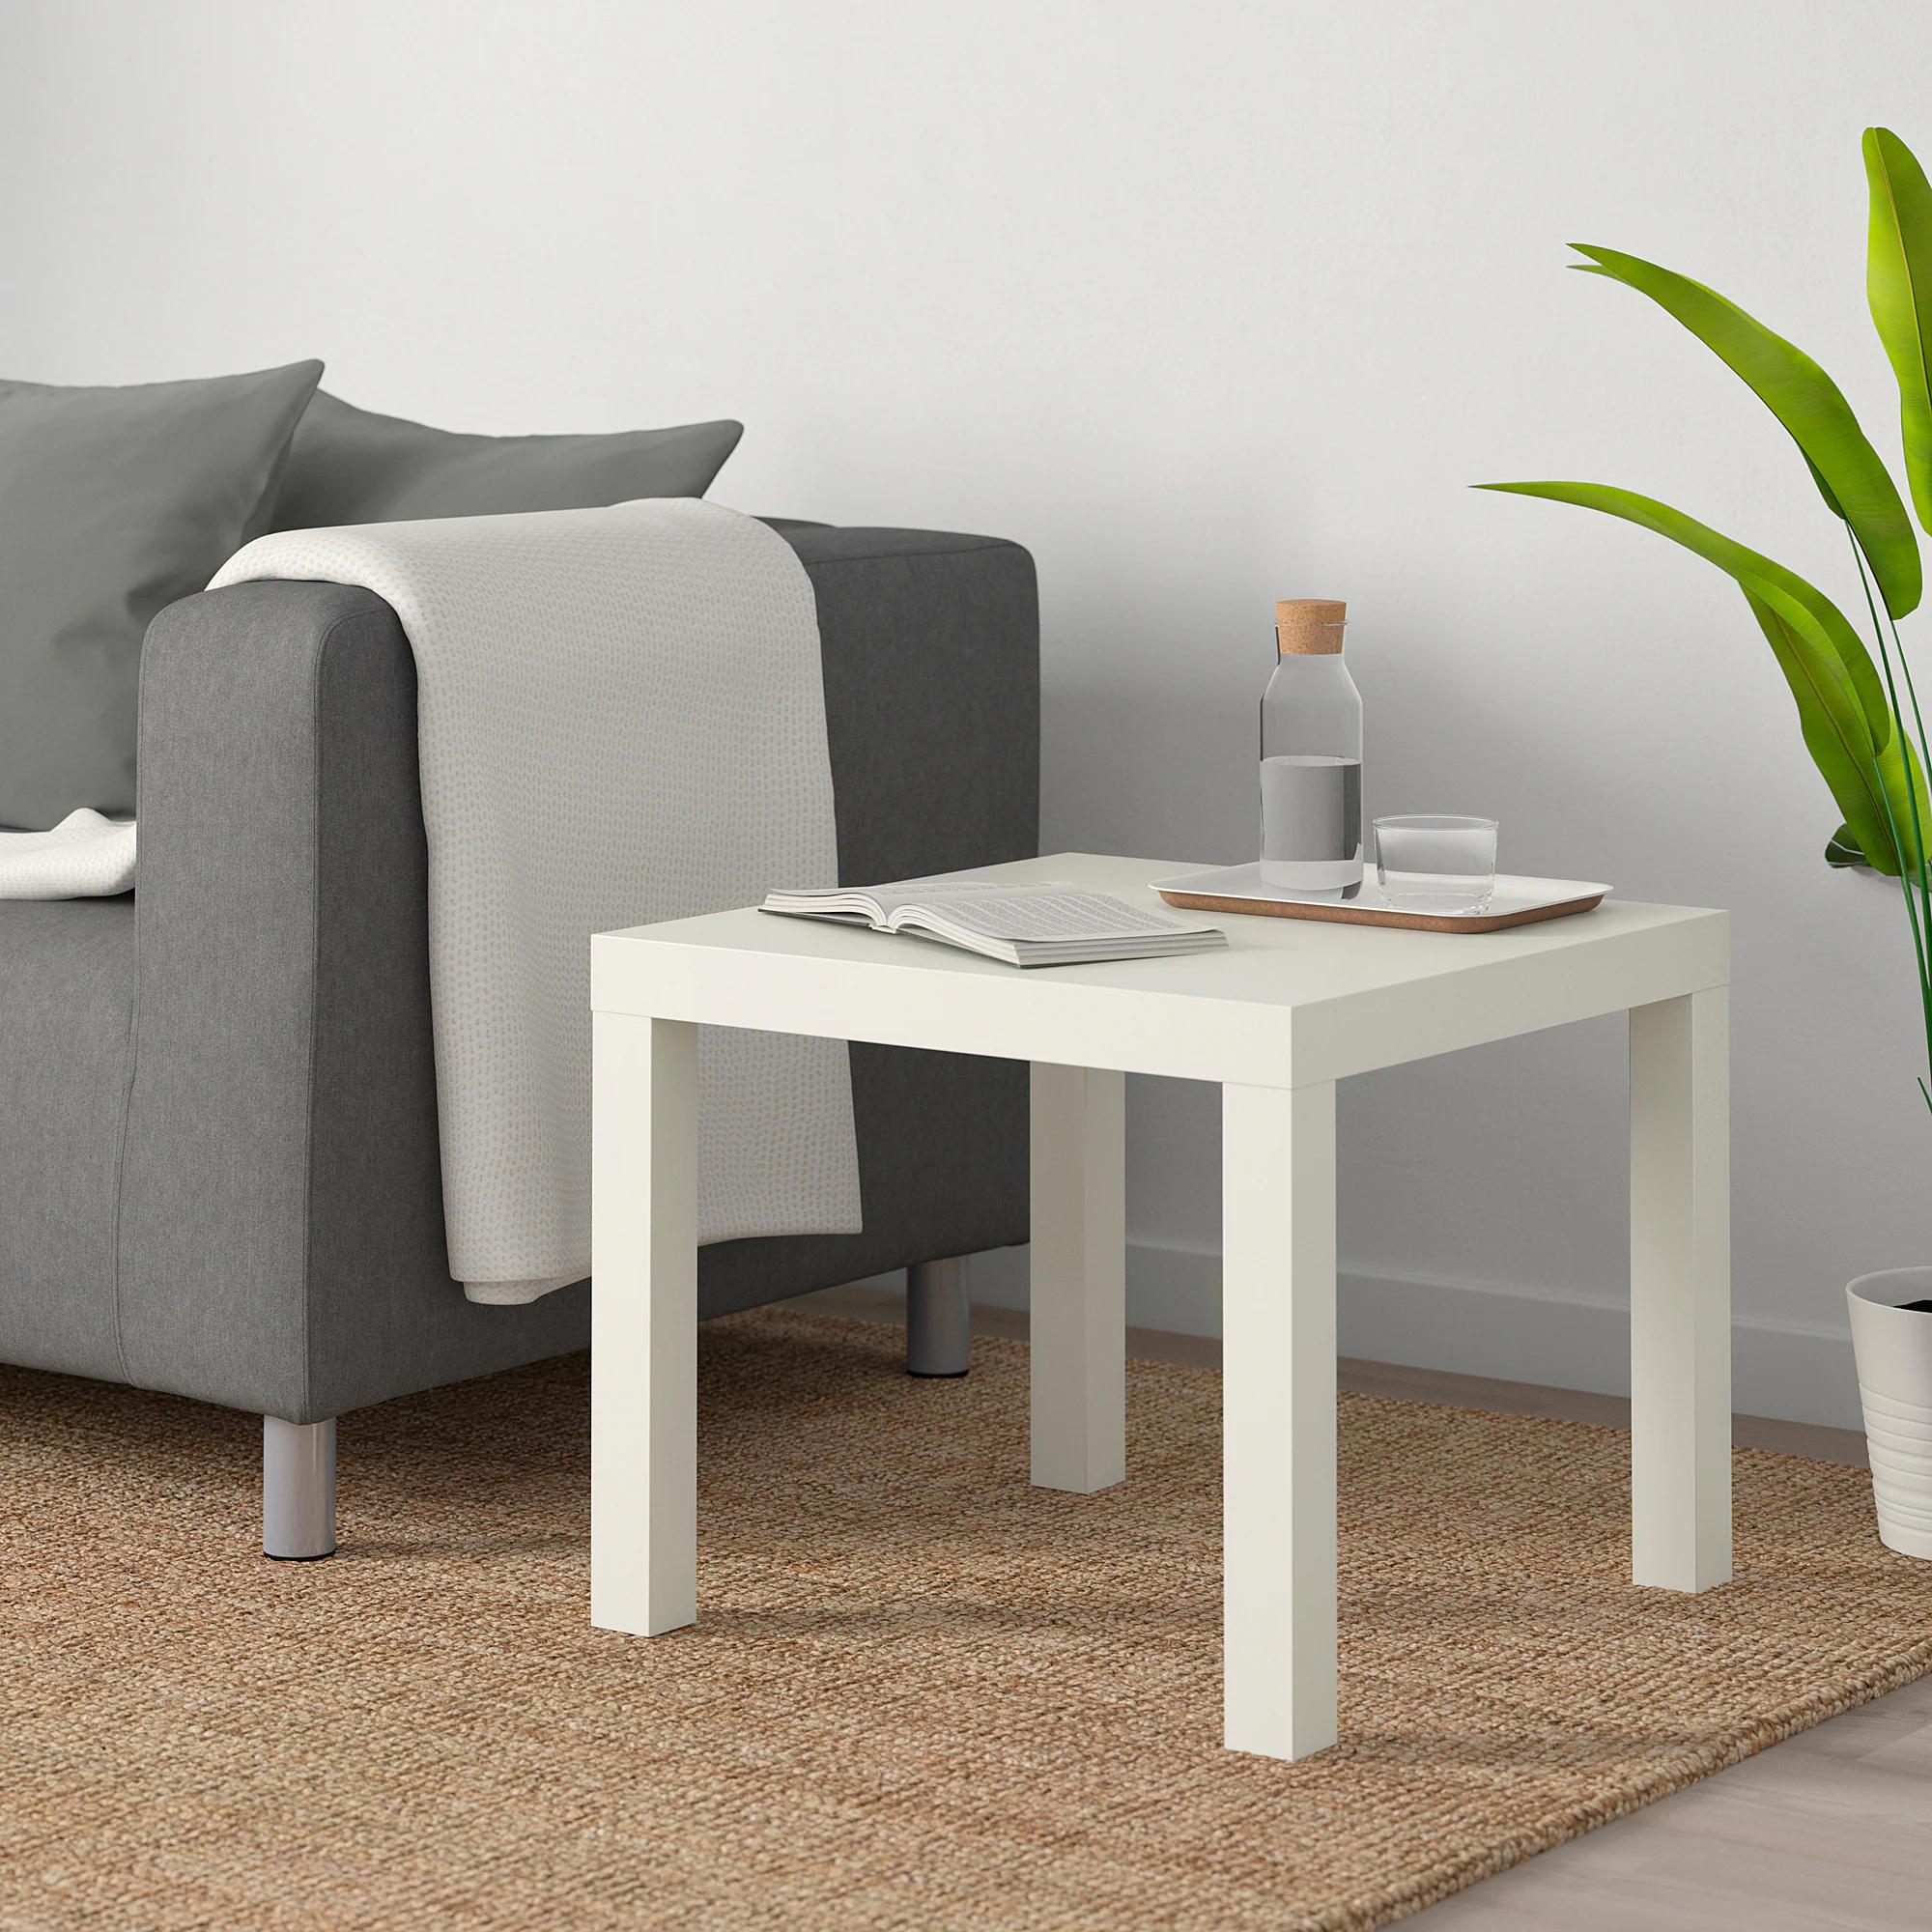 Ikea Lack Tisch 55x55